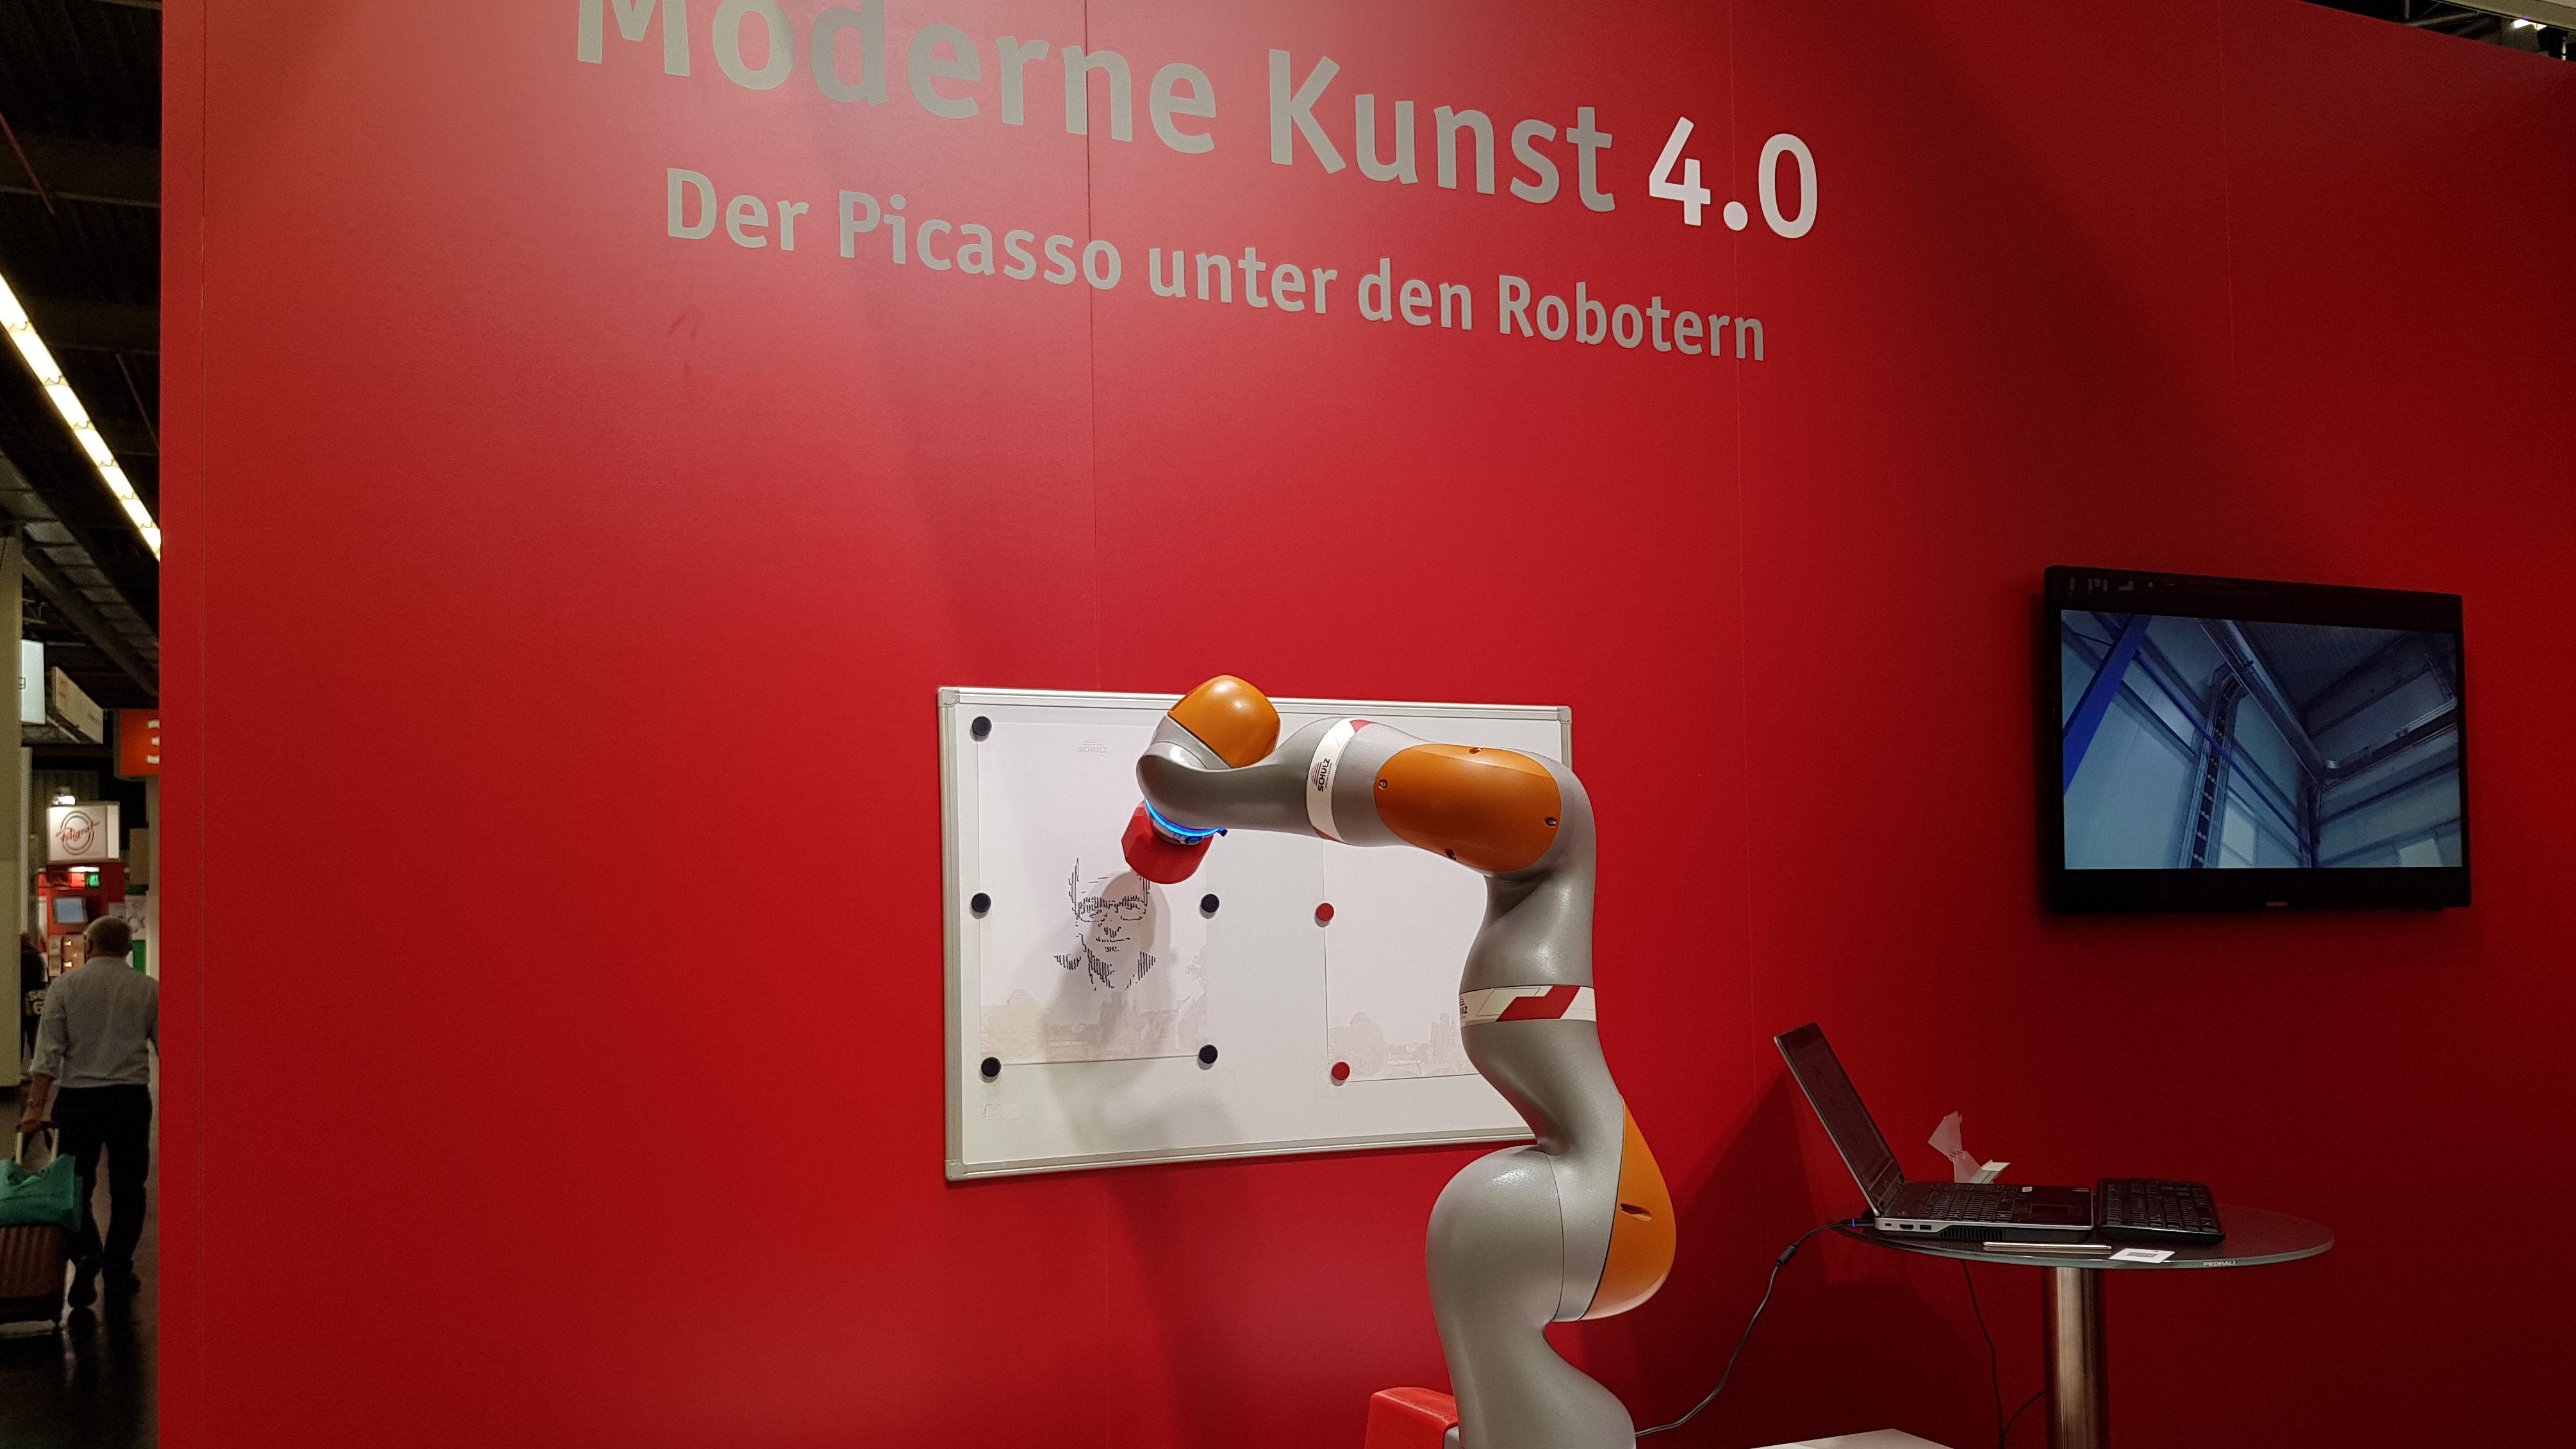 Auf dem Bild sieht man einen Roboterarm, der ein Gesicht zeichnet.